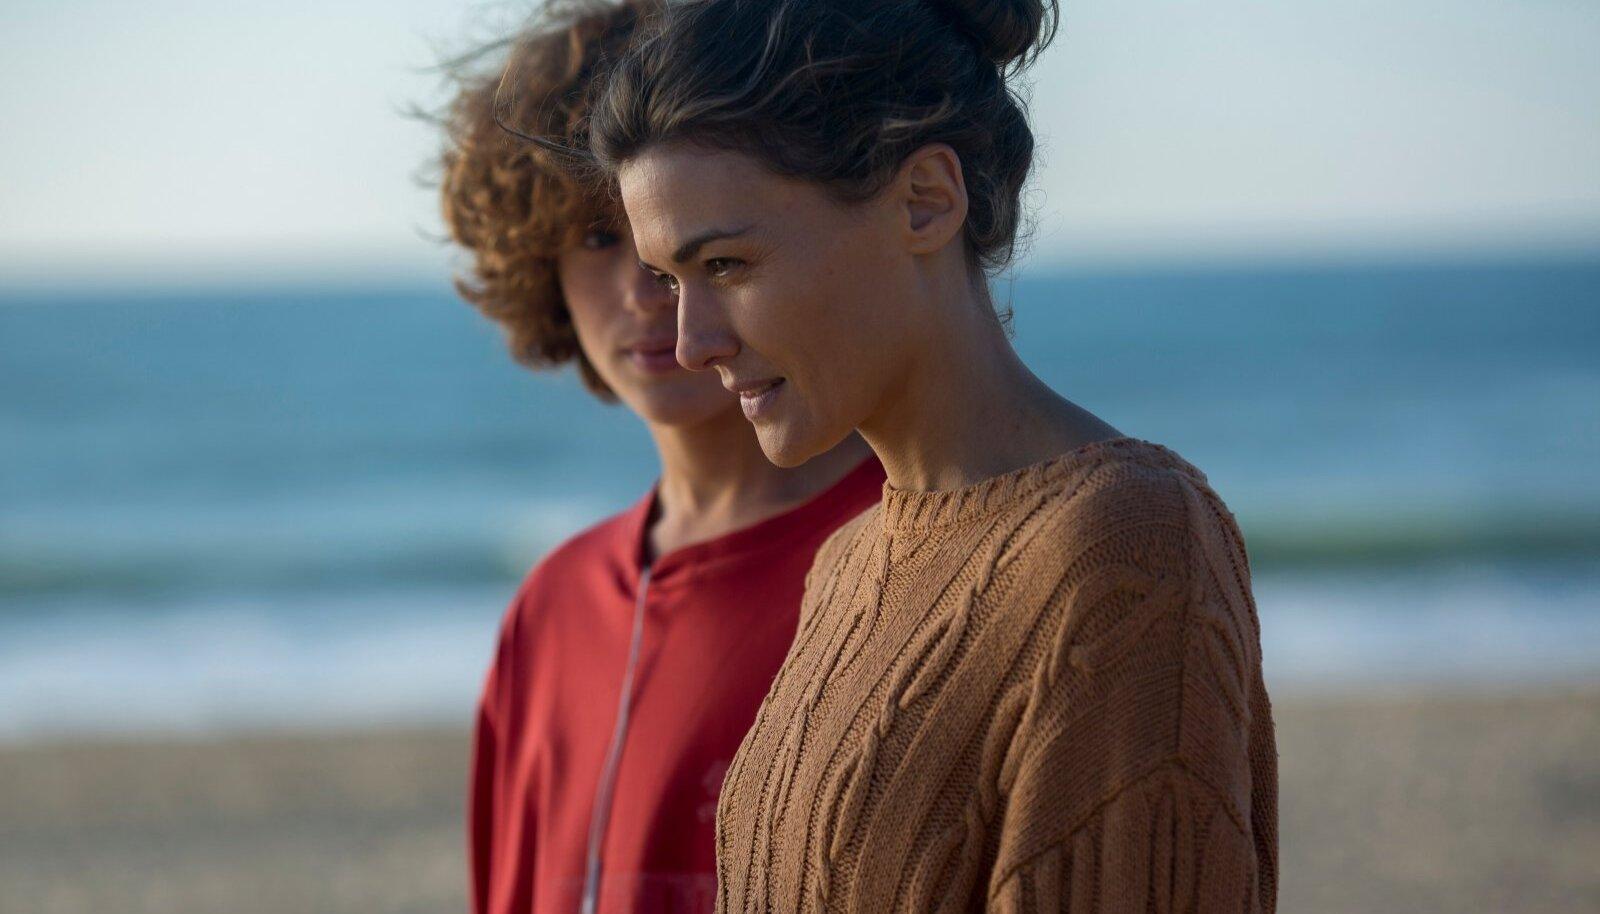 """Režissöör Rodrigo Sorogoyeni trilleri sugemetega draamas """"Ema"""" peaosalist Elenat mängiv Marta Nieto on oma rolli eest võitnud mitu väärikat auhinda."""